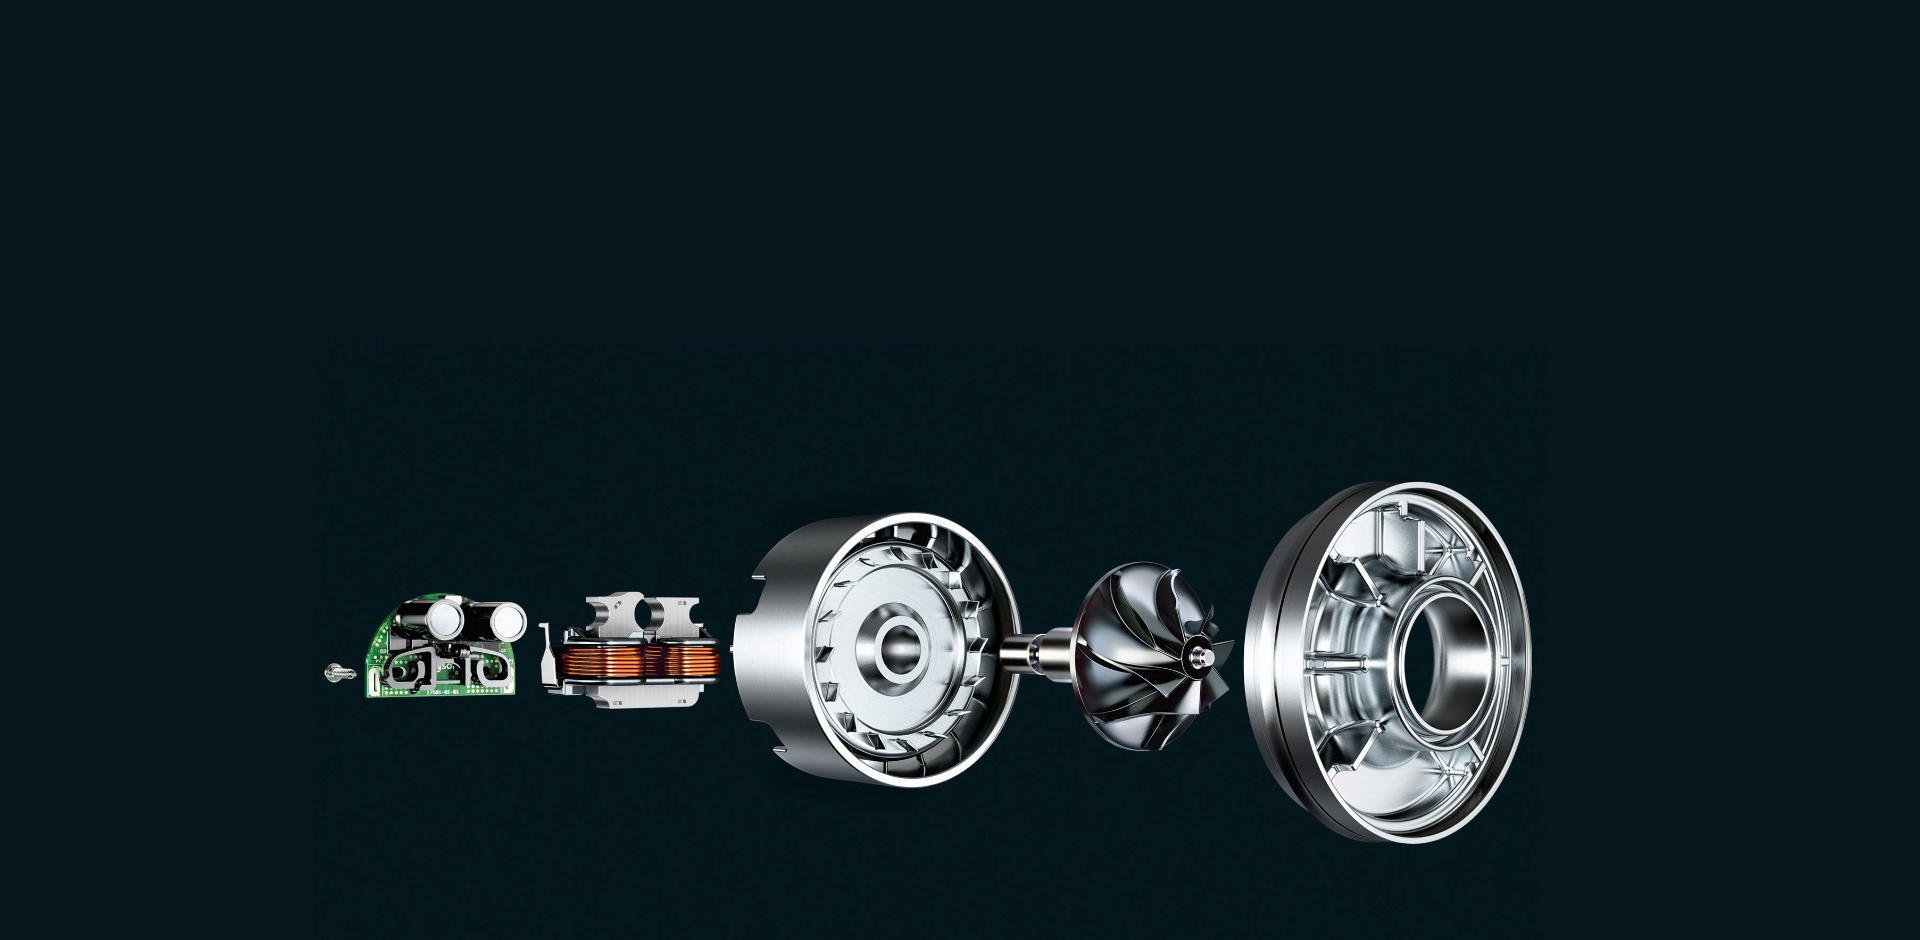 Hình ảnh các bộ phận của động cơ